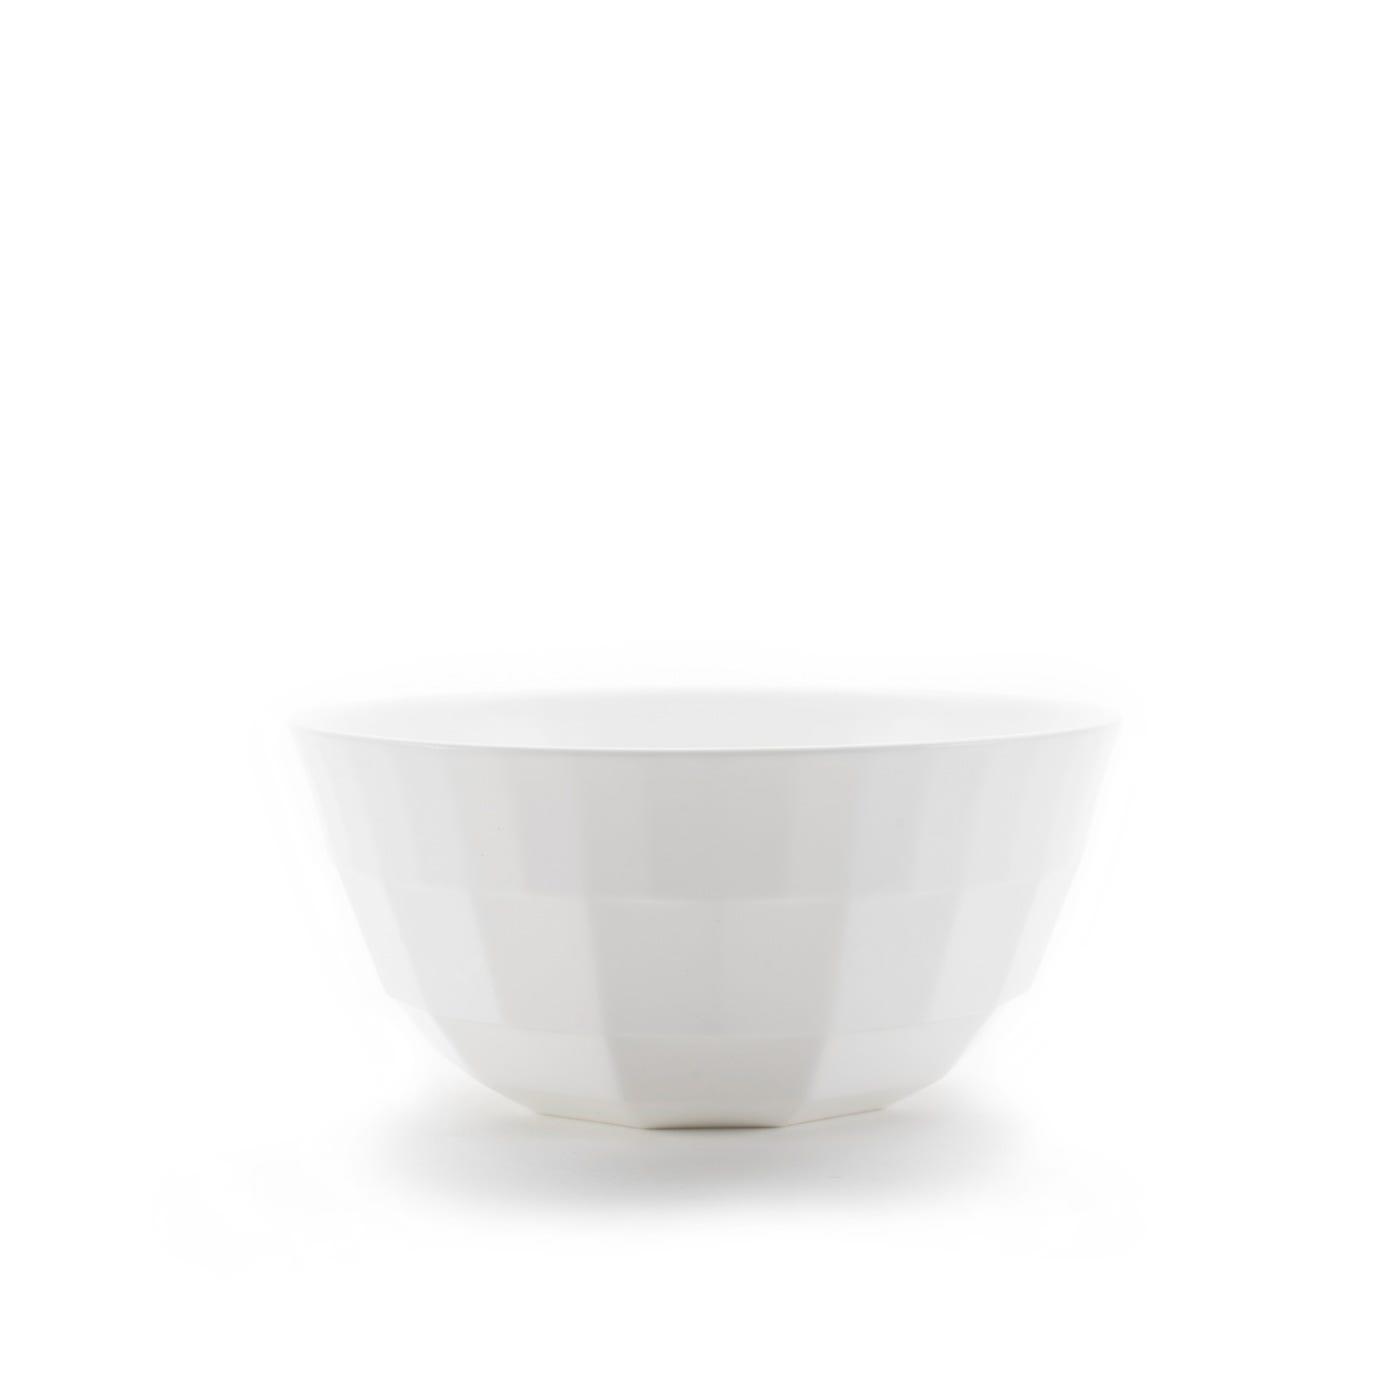 Standard Ware Bowl Small White